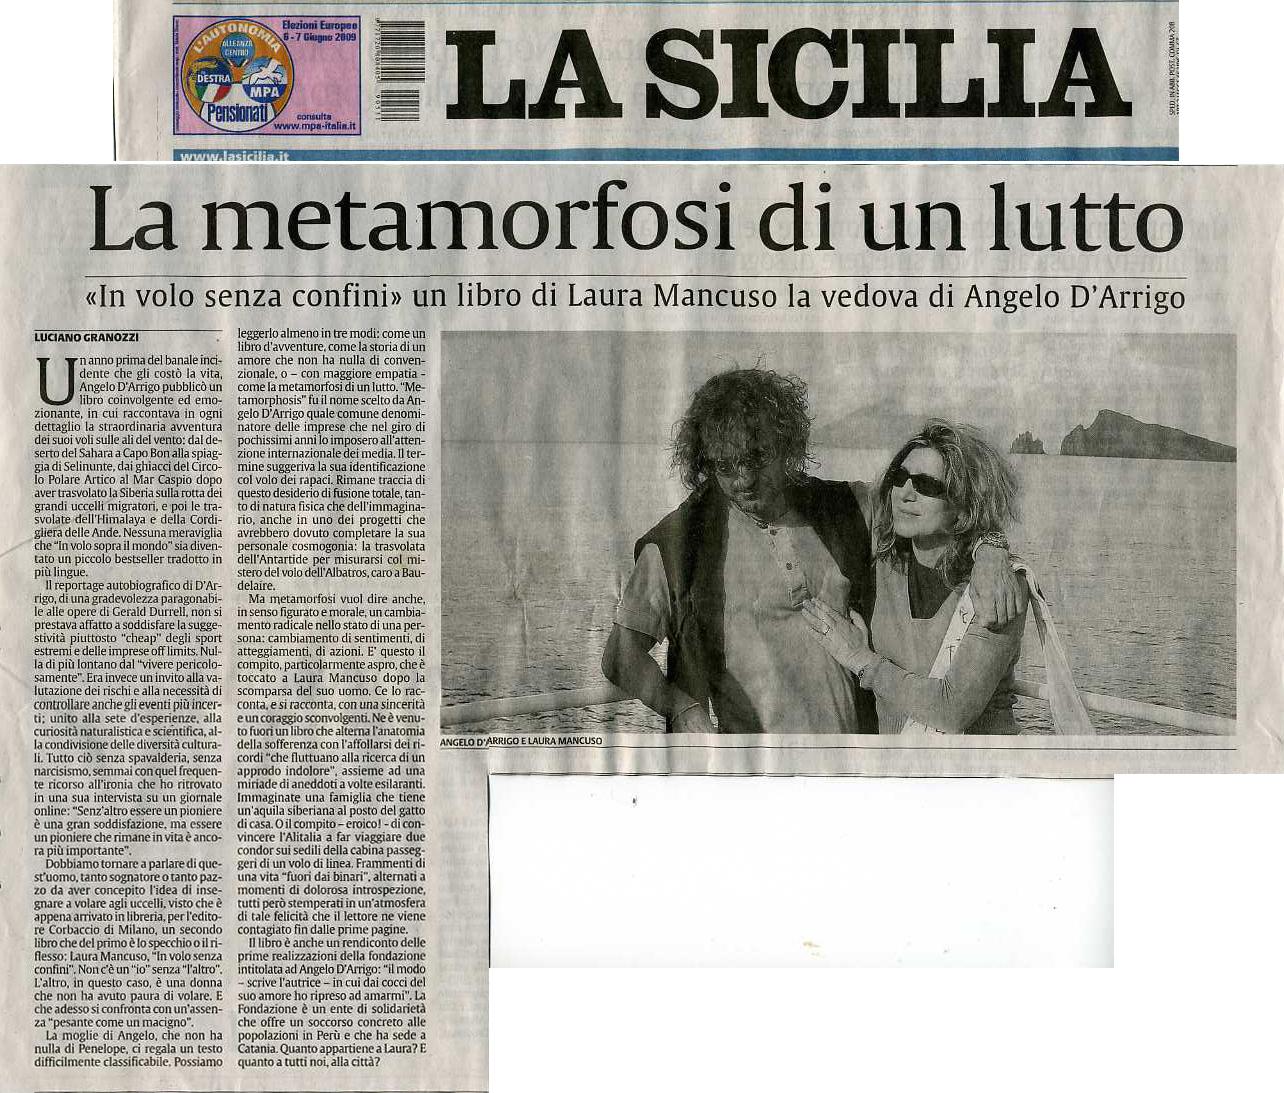 La Sicilia 31 maggio 2009 articolo